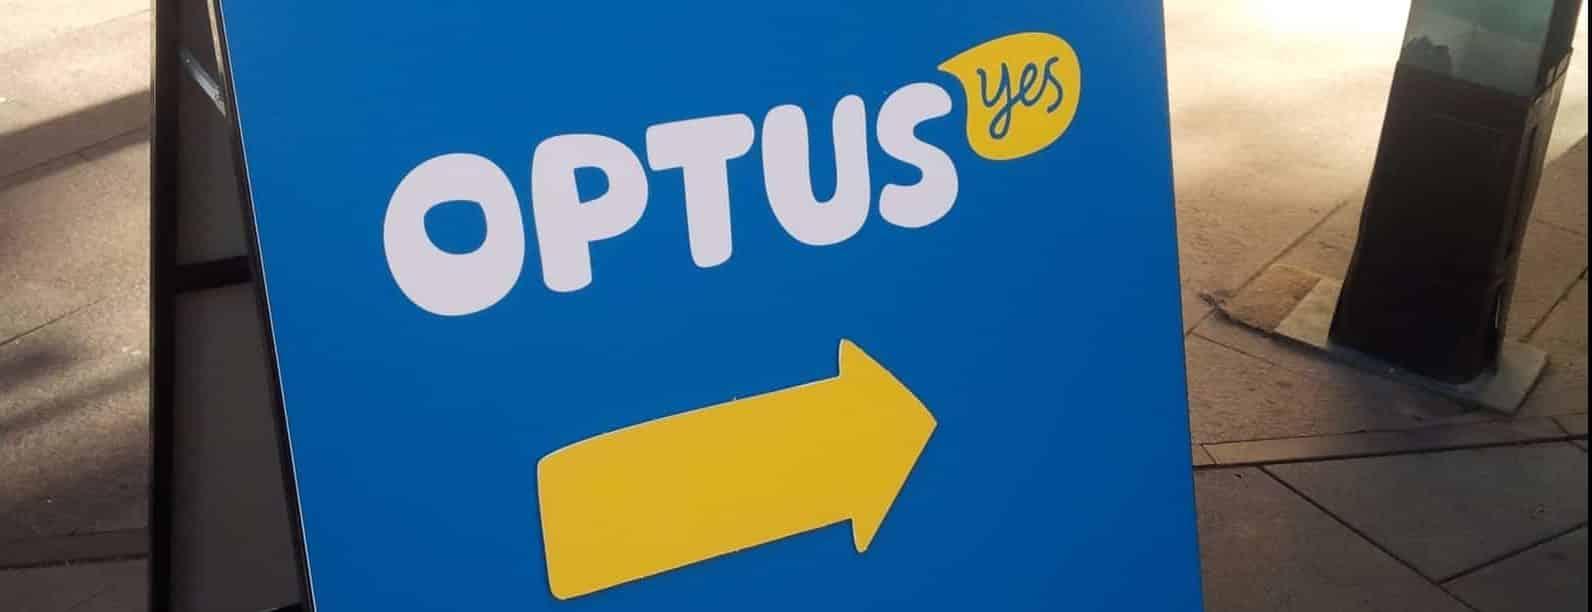 Optus Drops Phone Leasing Plans